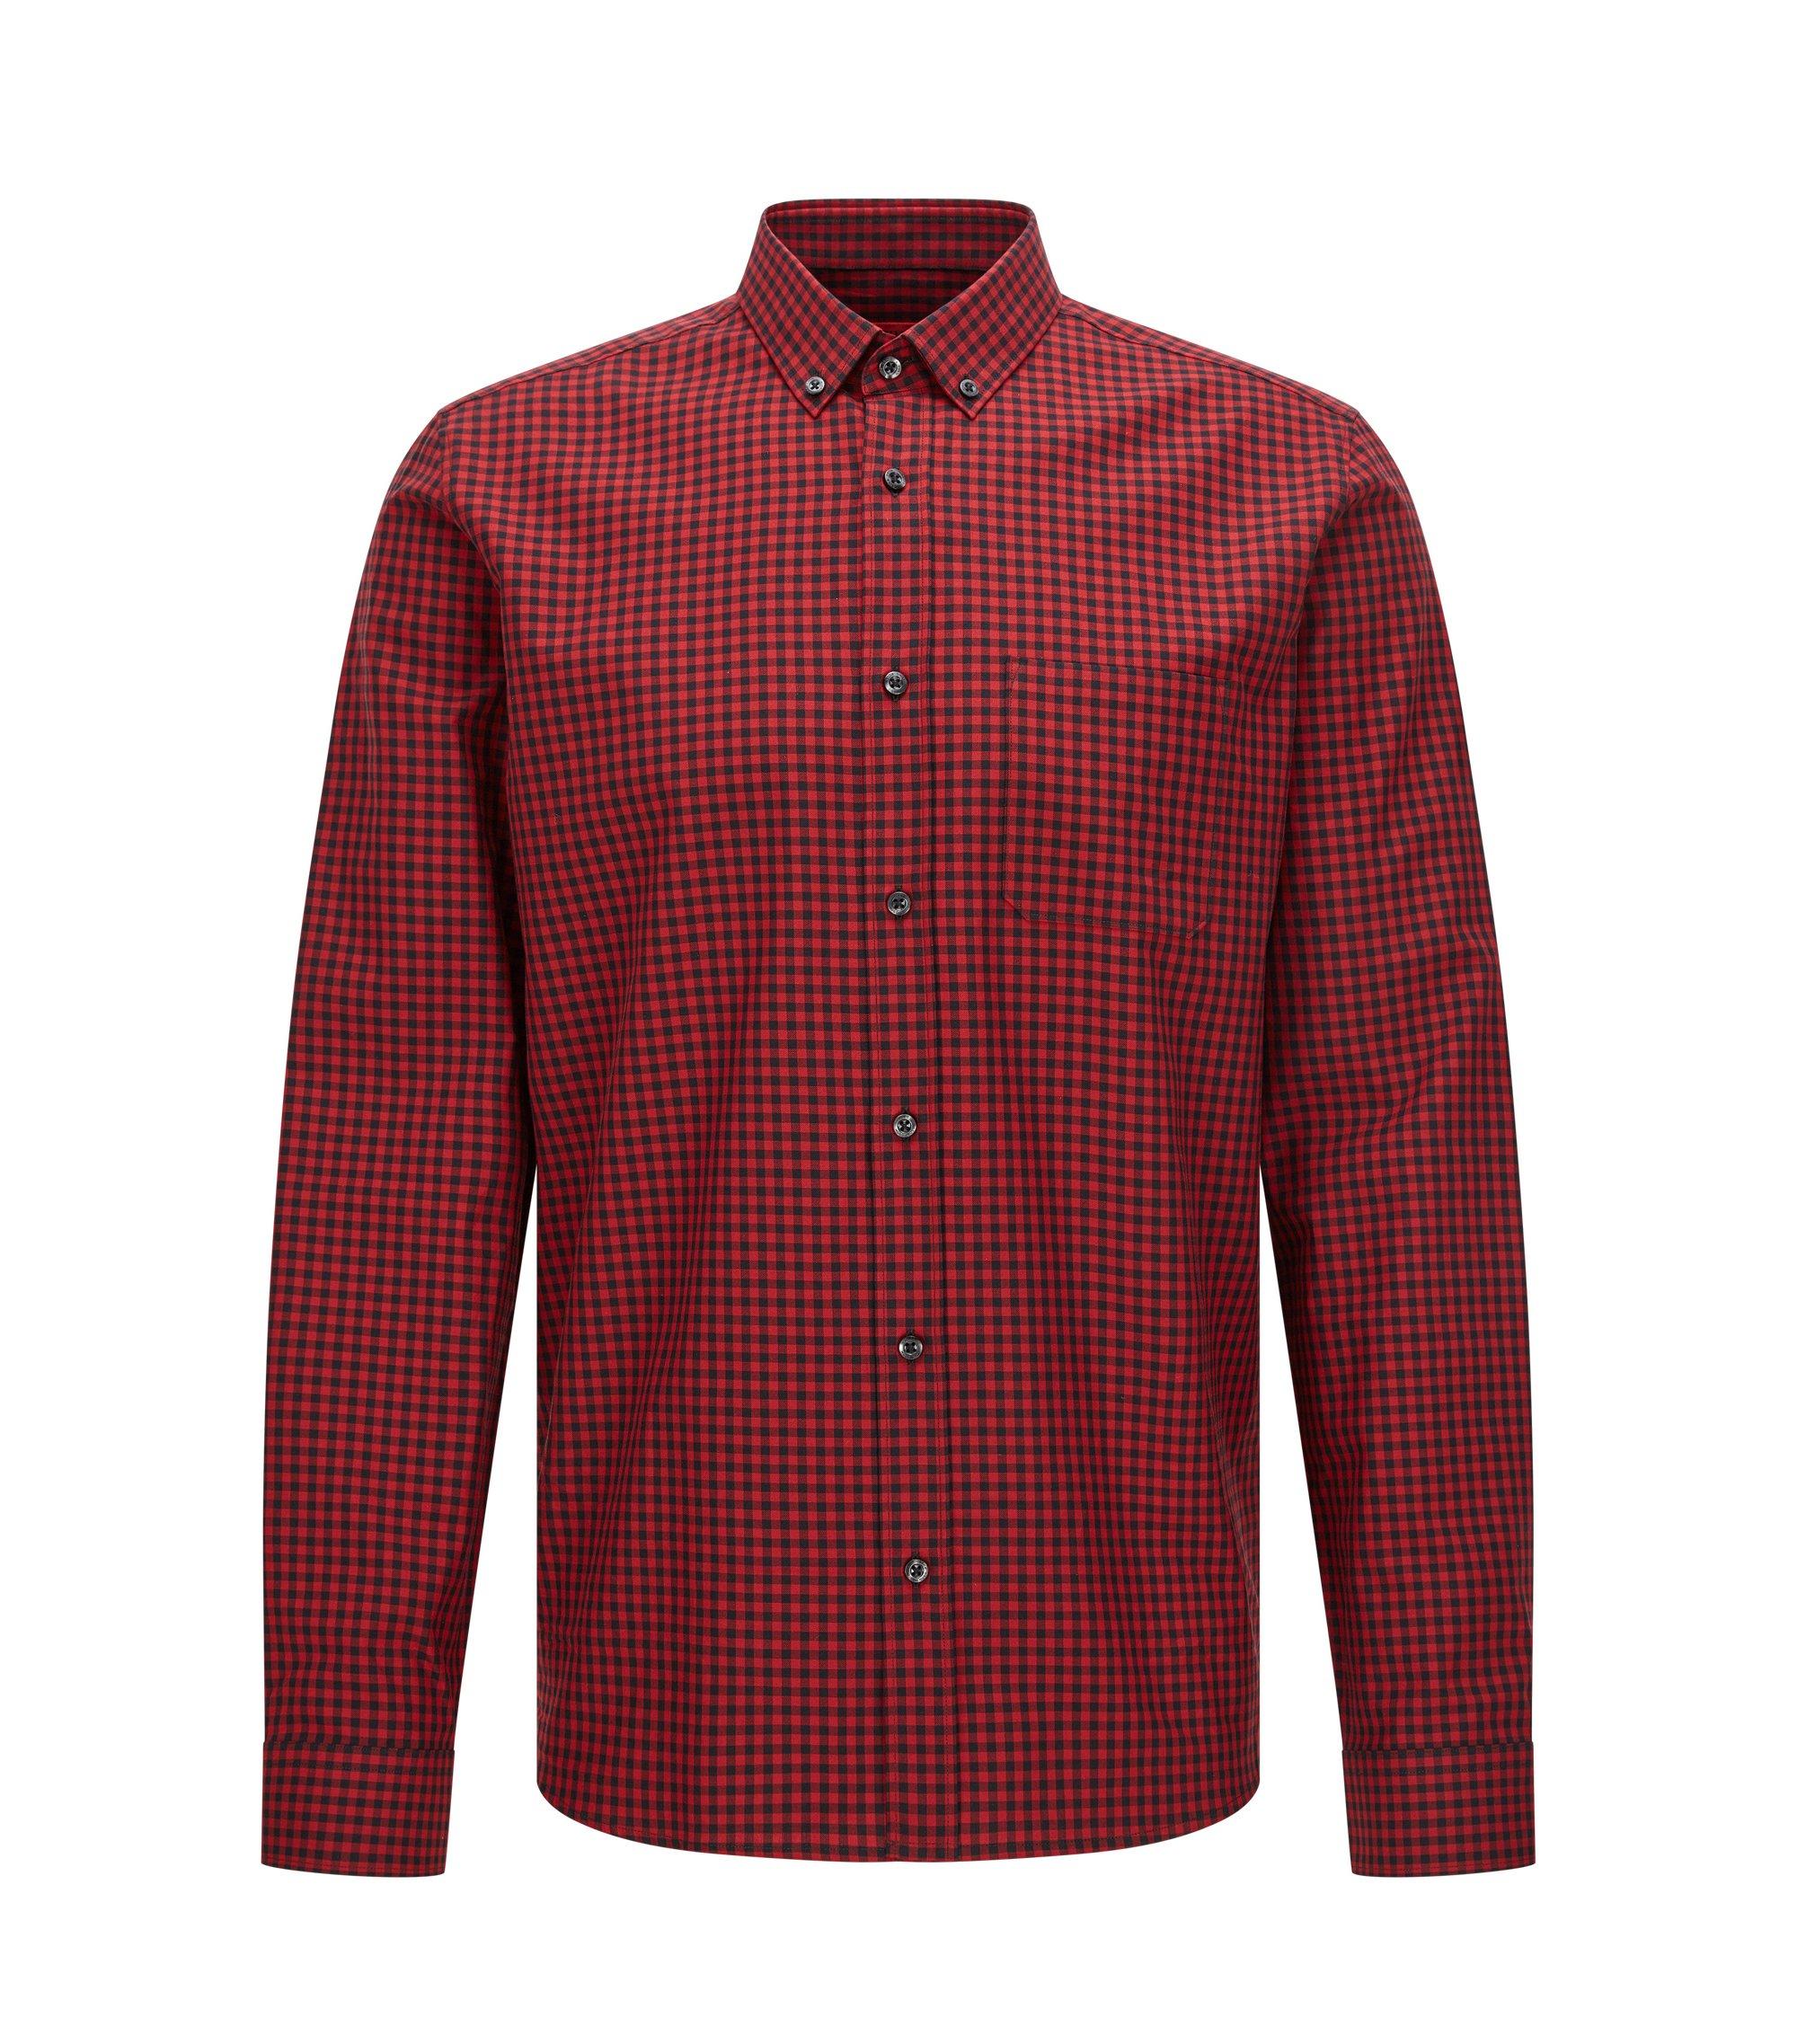 Chemise Relaxed Fit en coton, à motif vichy, Rouge sombre